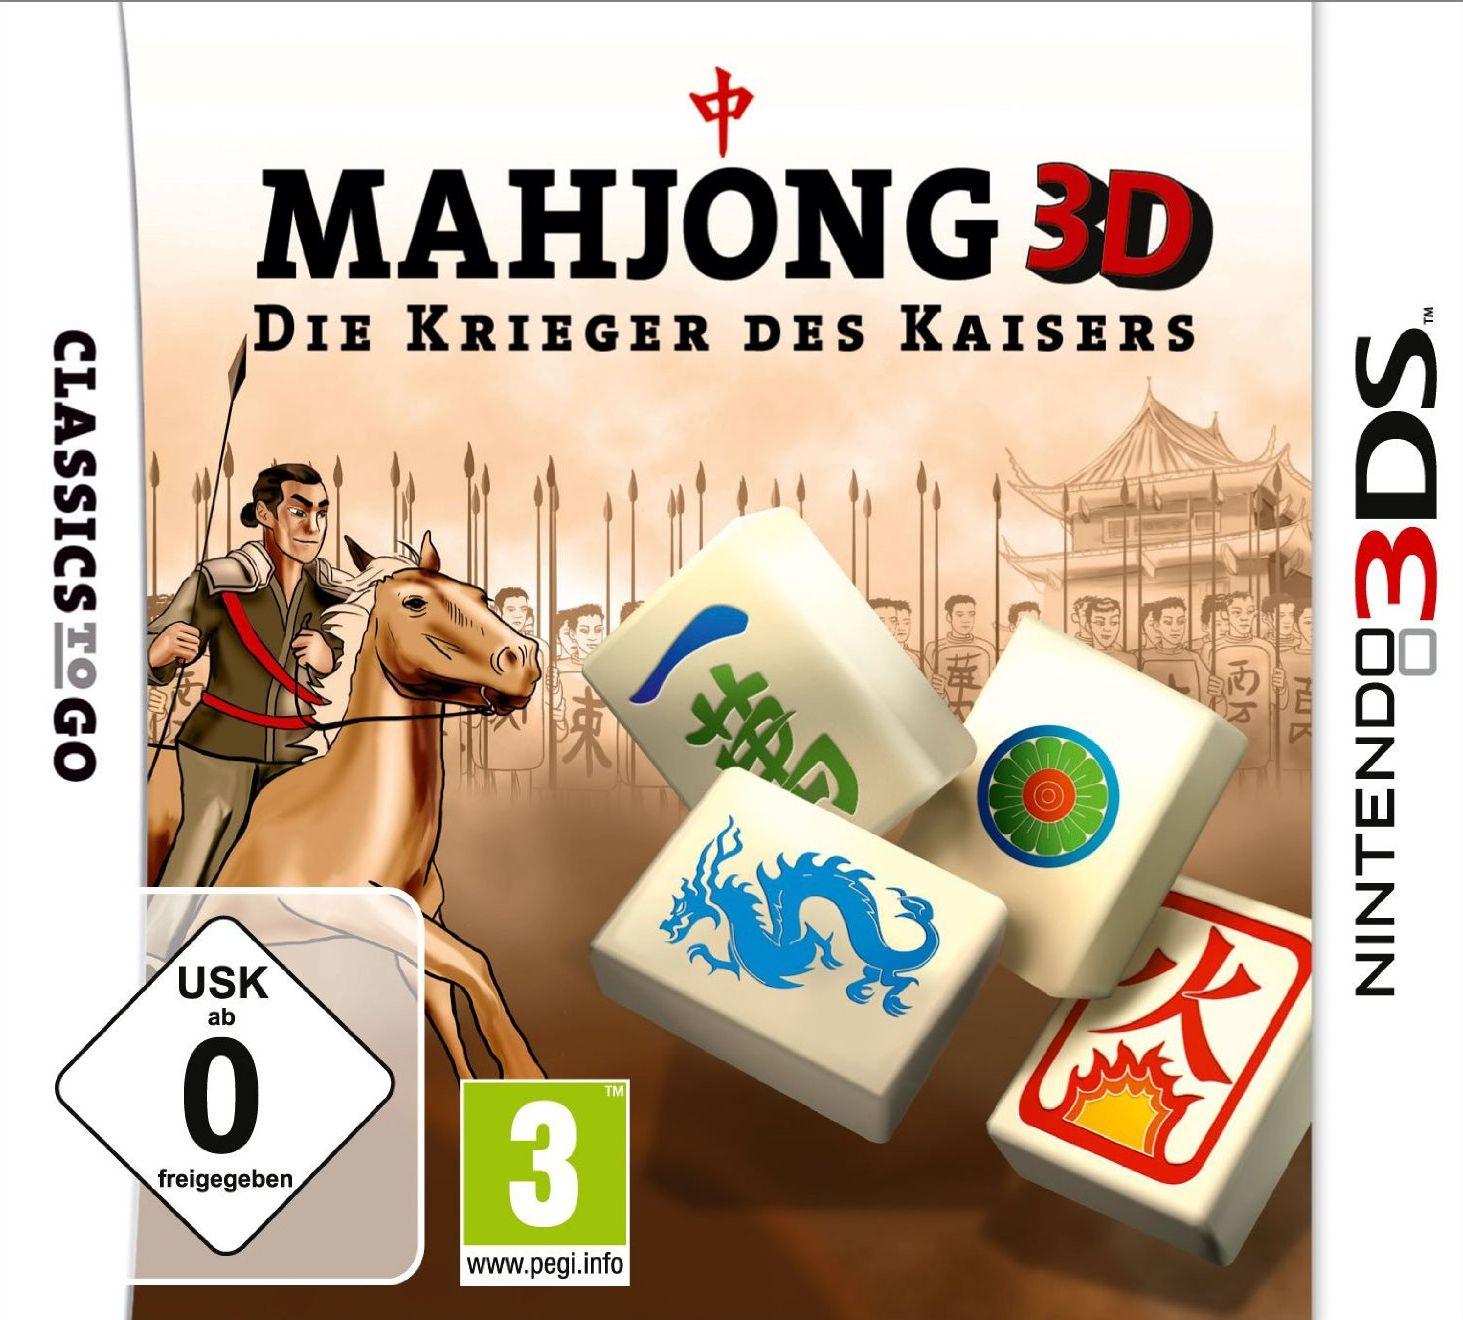 Mahjong 3D - Die Krieger des Kaisers